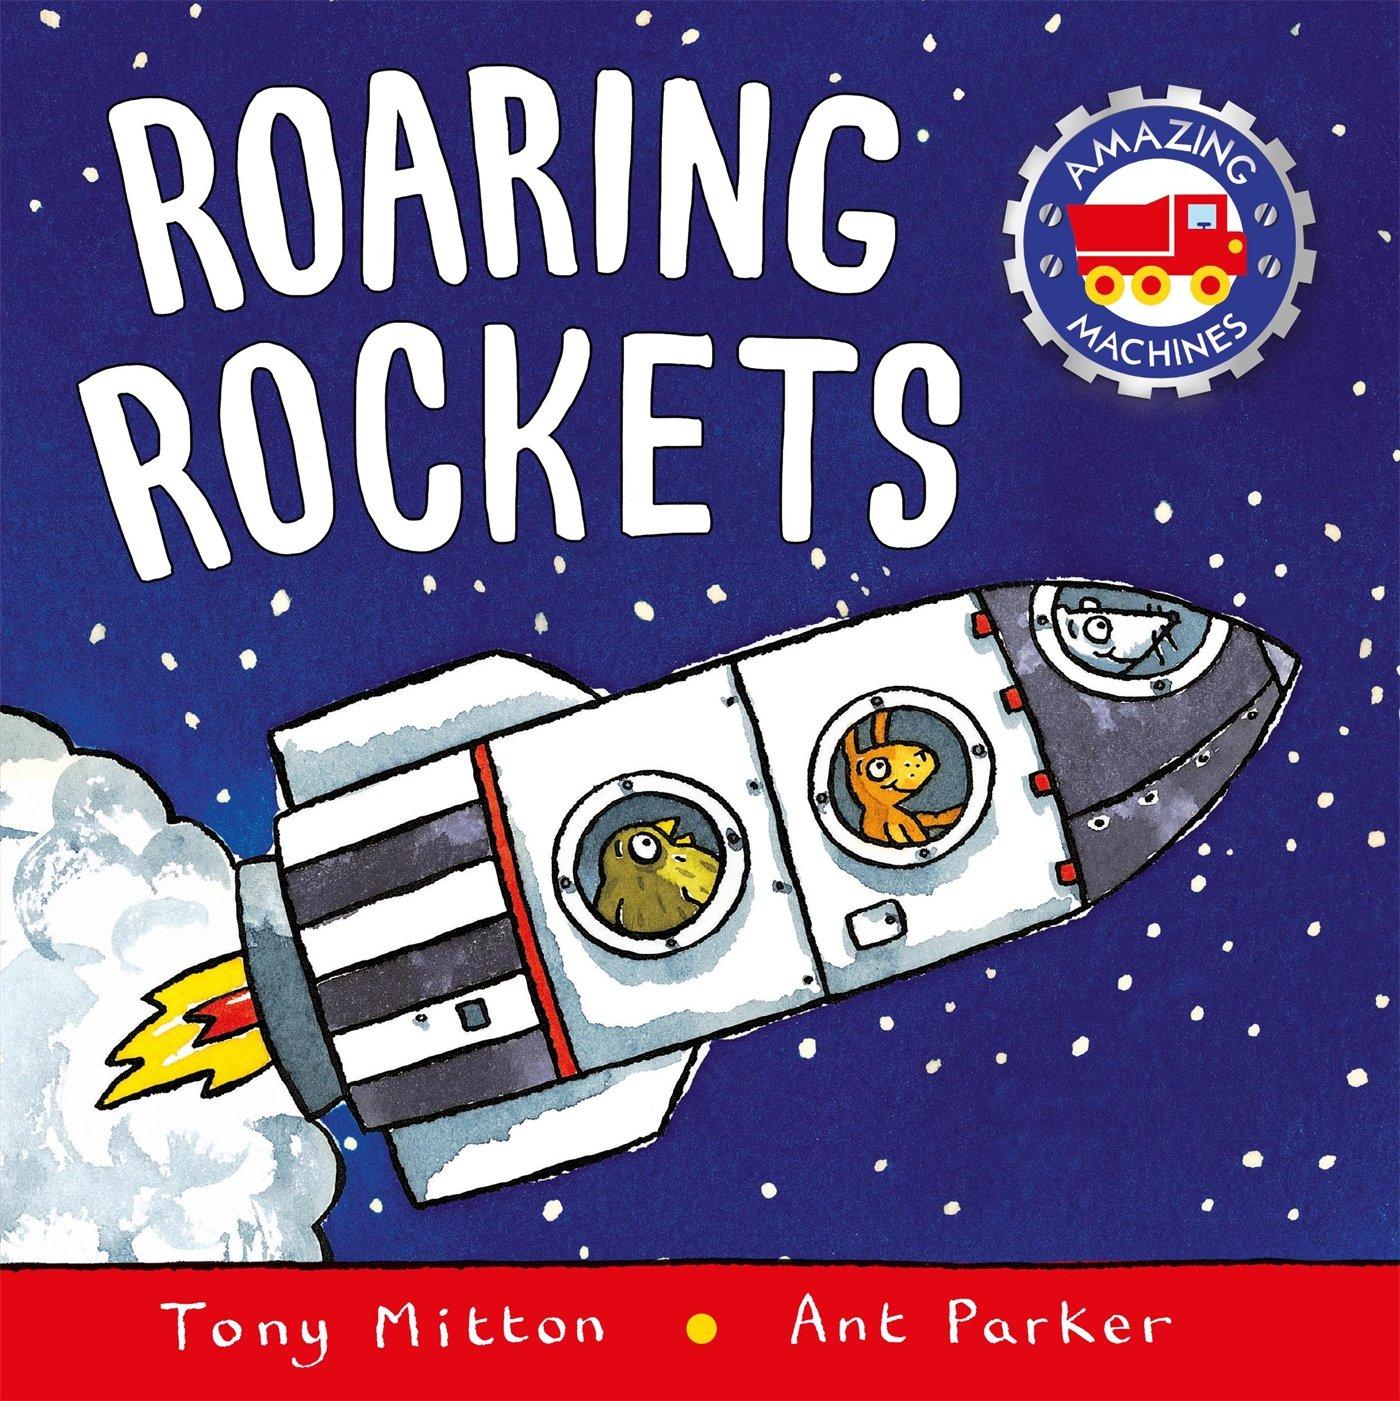 space roaring rockets